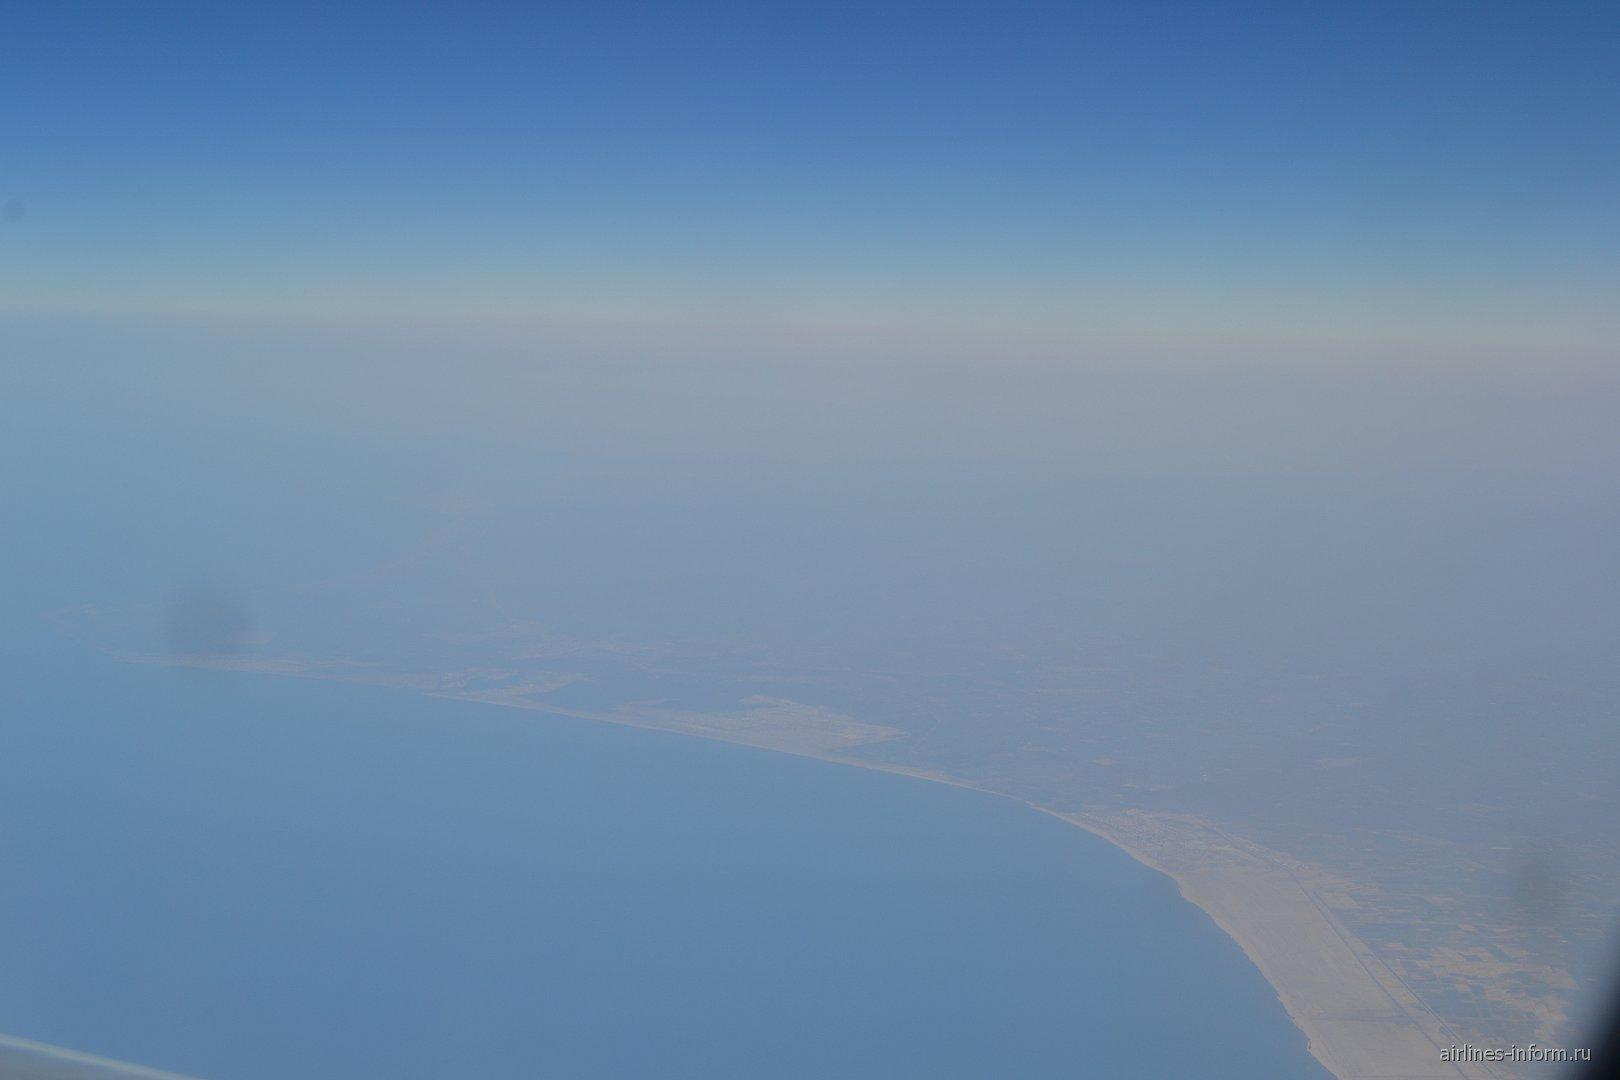 Вид из иллюминатора на Синайский полуостров